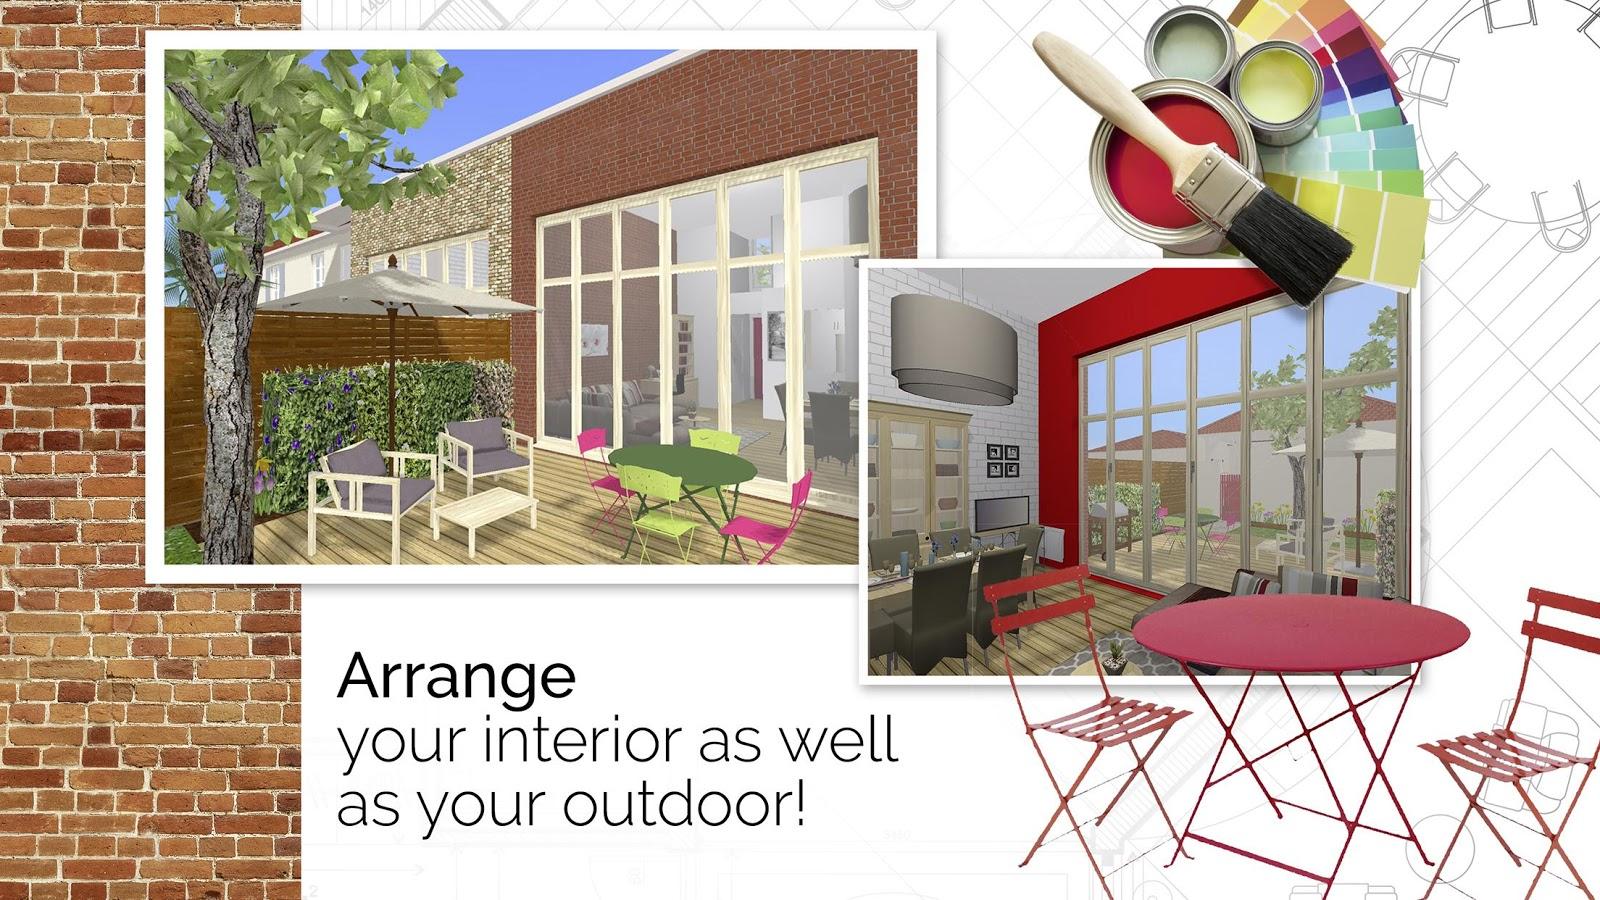 home design 3d freemium 4 1 2 apk obb data file download 12 home design 3d freemium 4 1 2 screenshot 13